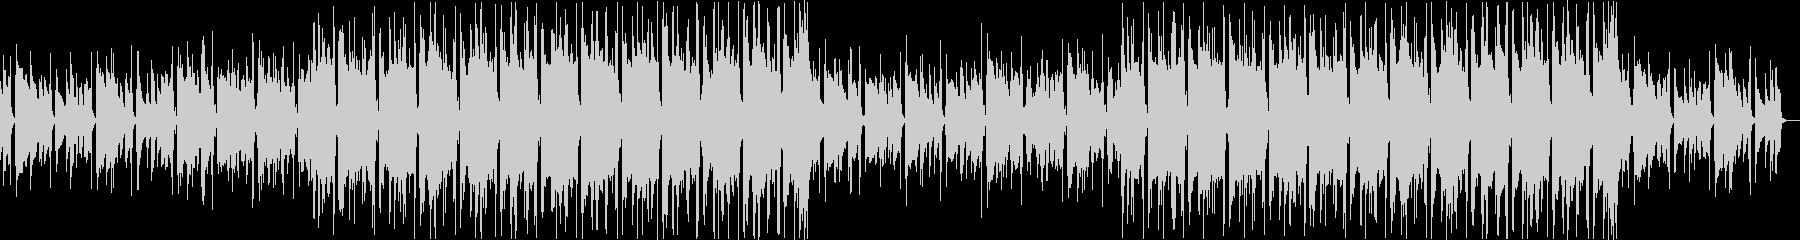 アコギヒップホップ感動洋楽コーポレートbの未再生の波形